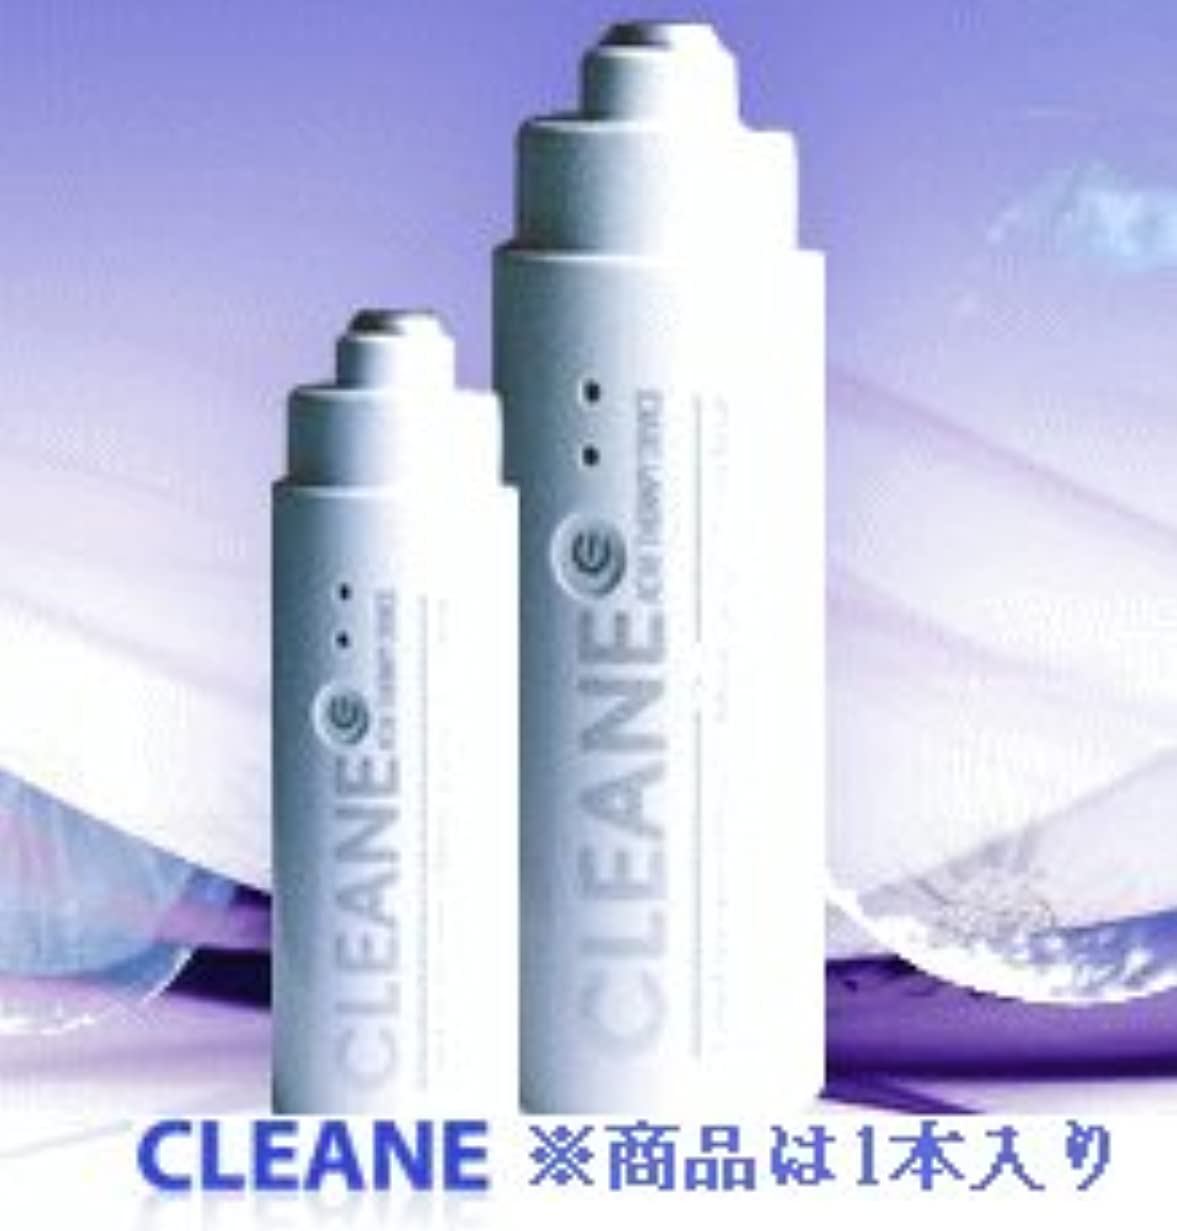 日の出開発する清めるLEDブルーライトとサーマルスポットシステムでニキビケア クリアネ CLEANE